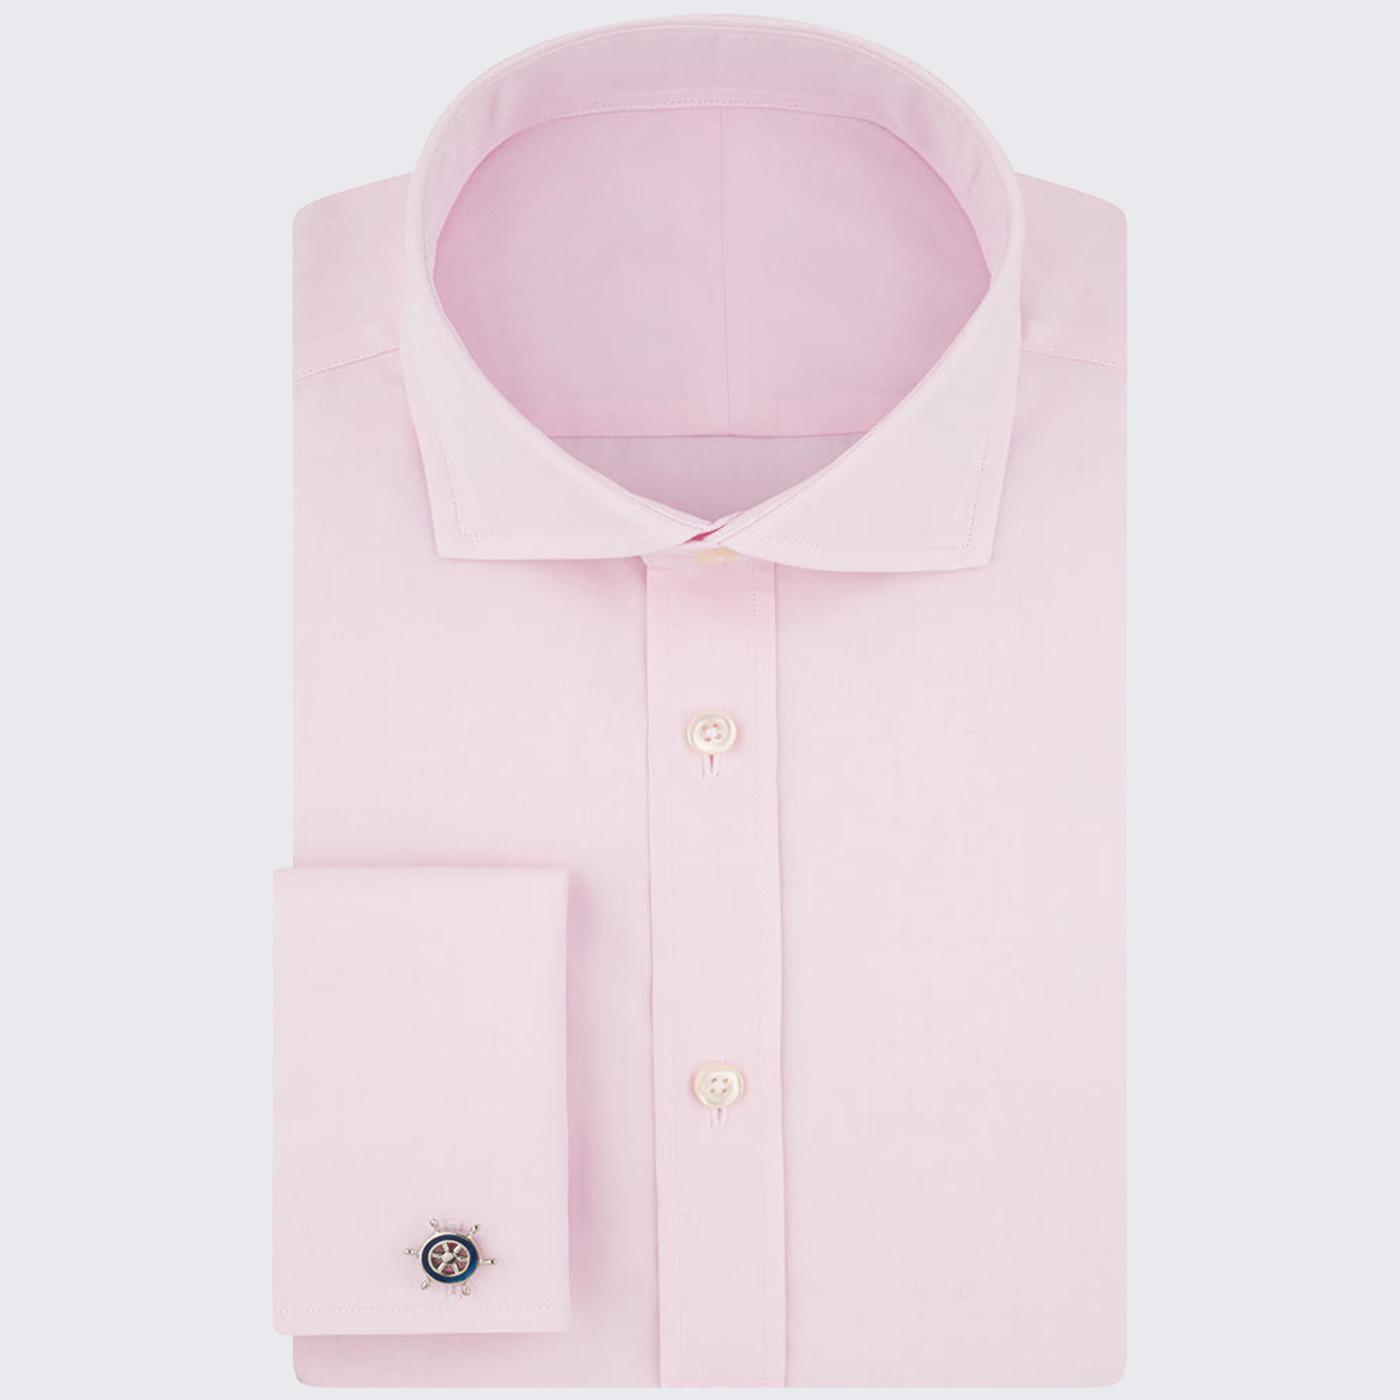 Shirt_20_Royal-Twill_pink.jpg